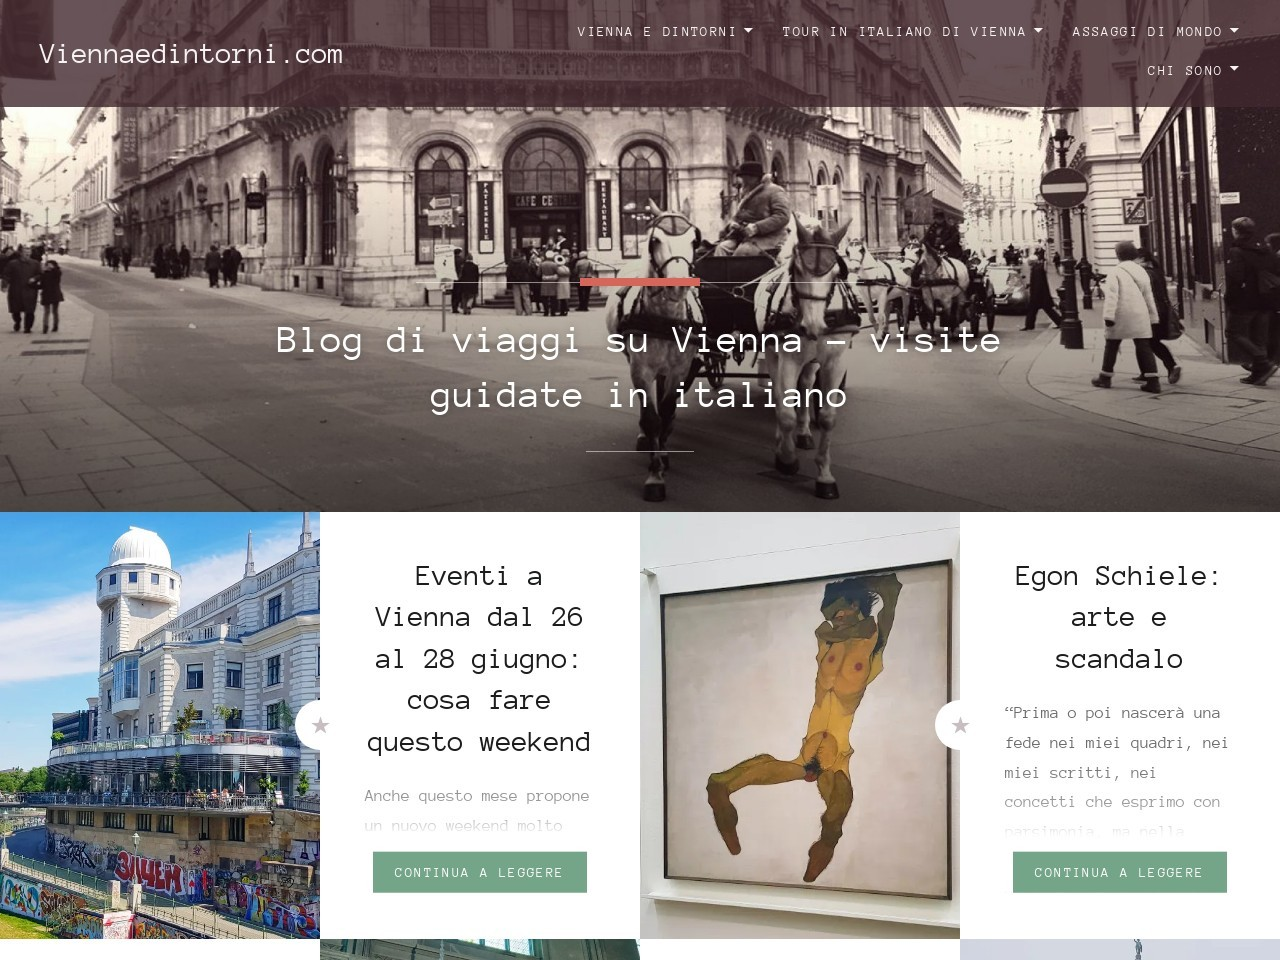 vienna-e-dintorni-food-travel-blog-su-vienna-ma-non-solo